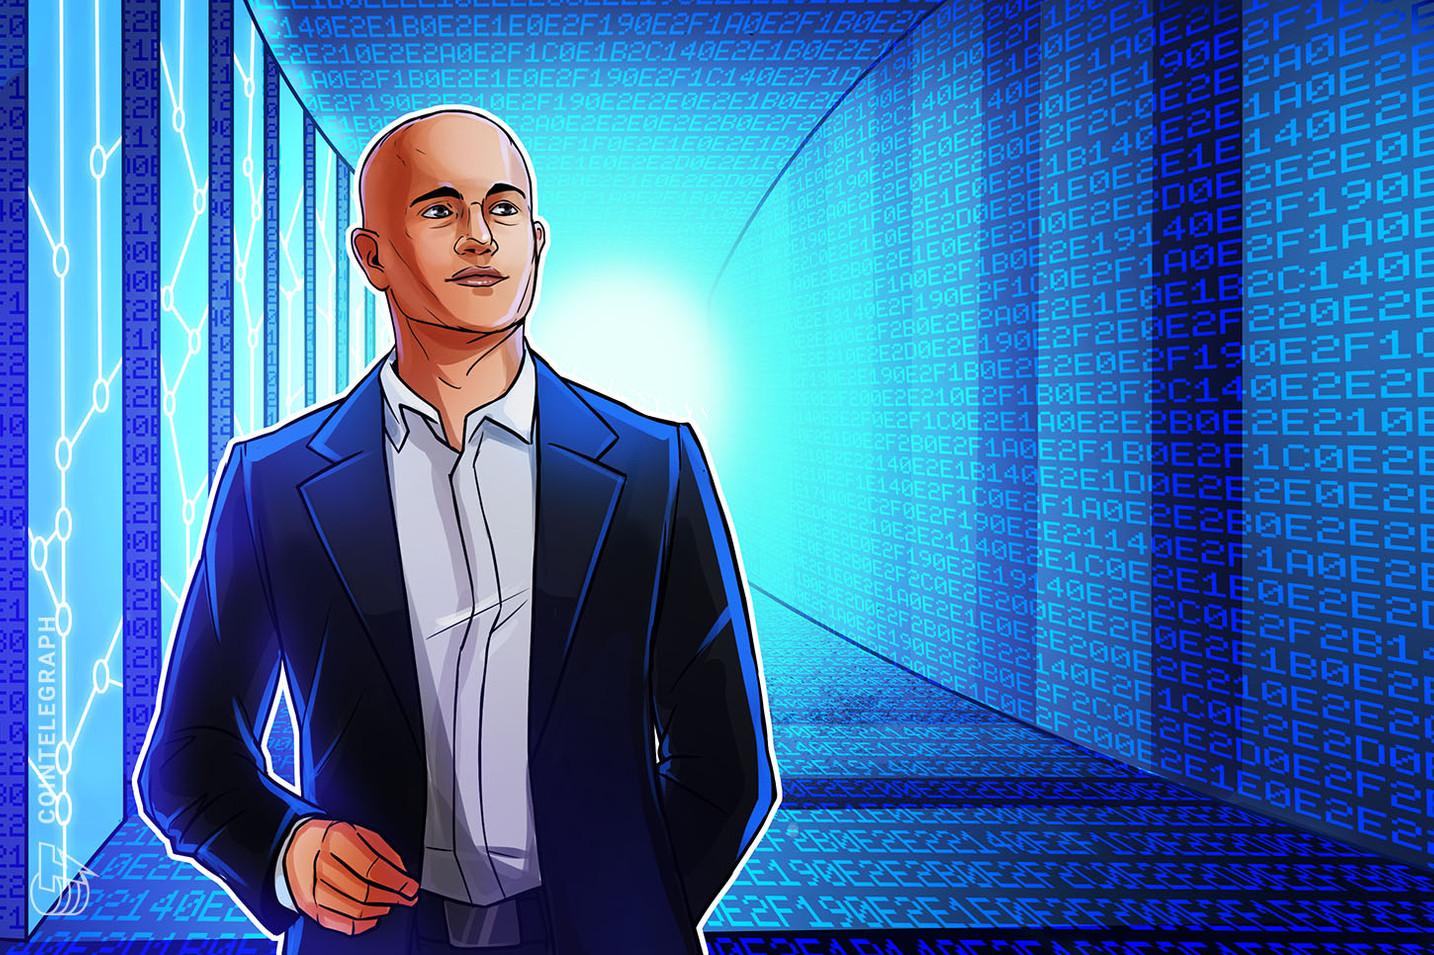 """""""Las criptomonedas ofrecen más libertad"""", replica el CEO de Coinbase al creador de DOGE"""